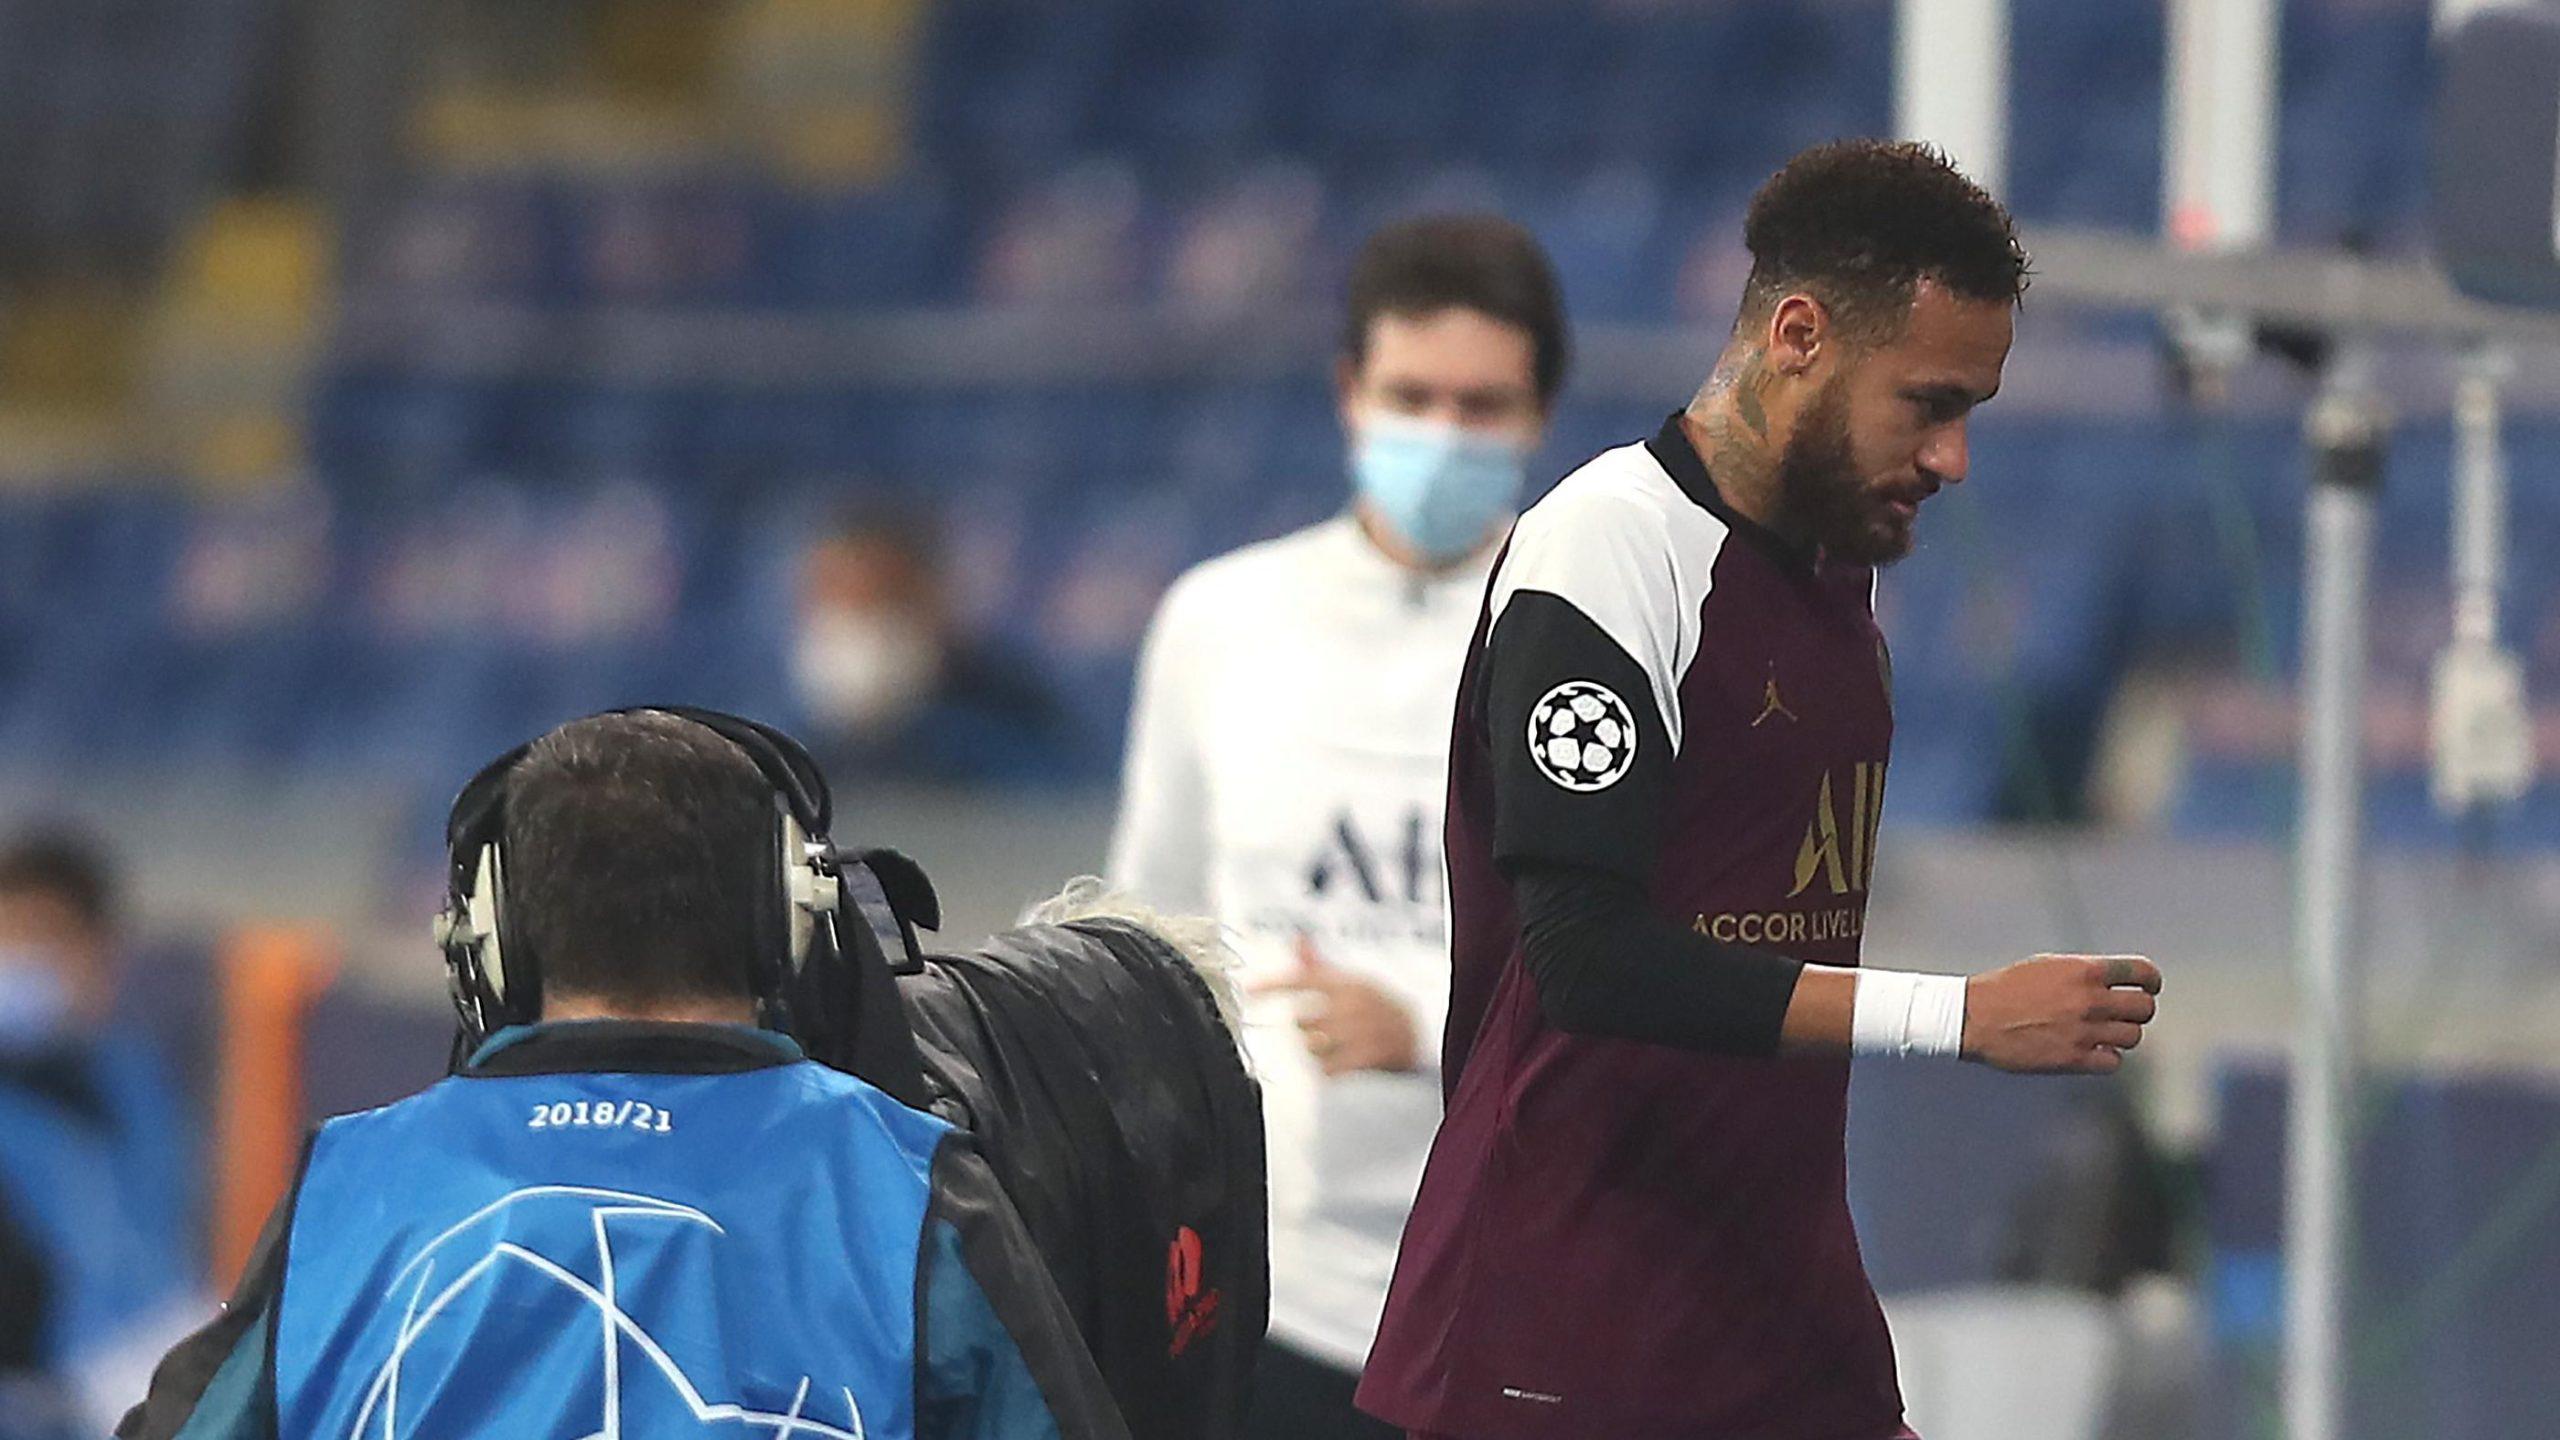 Neymar desfalca PSG por 3 jogos após lesão na Champions